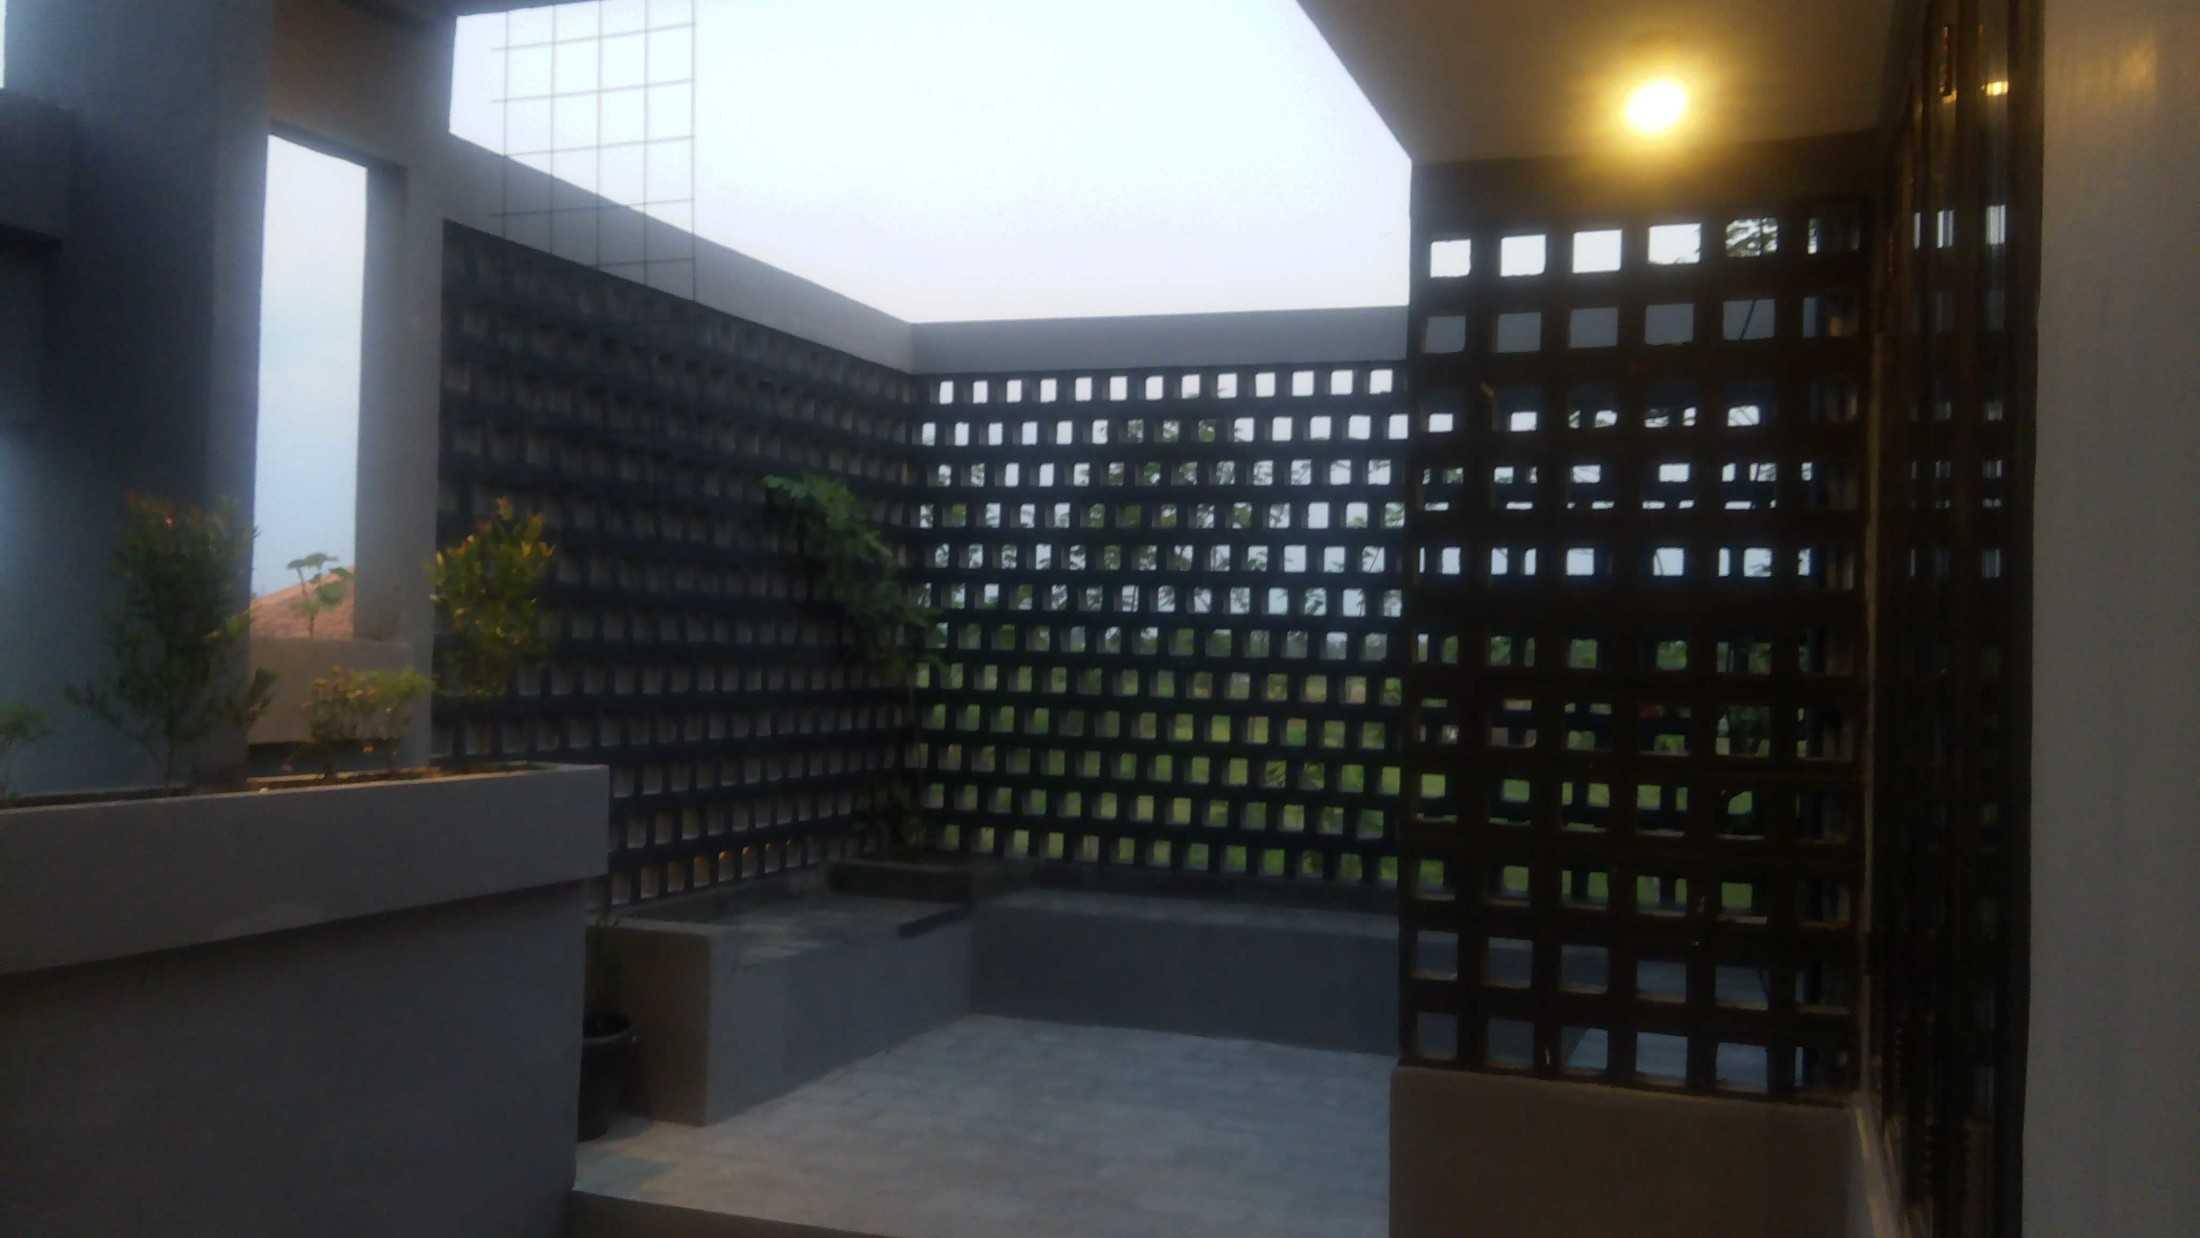 Astabumi Studio Omah Taman Singgah Tegal Tegal, Kota Tegal, Jawa Tengah, Indonesia Tegal, Kota Tegal, Jawa Tengah, Indonesia Astabumi-Architect-Interior-Design-Omah-Taman-Singgah-Tegal  84034